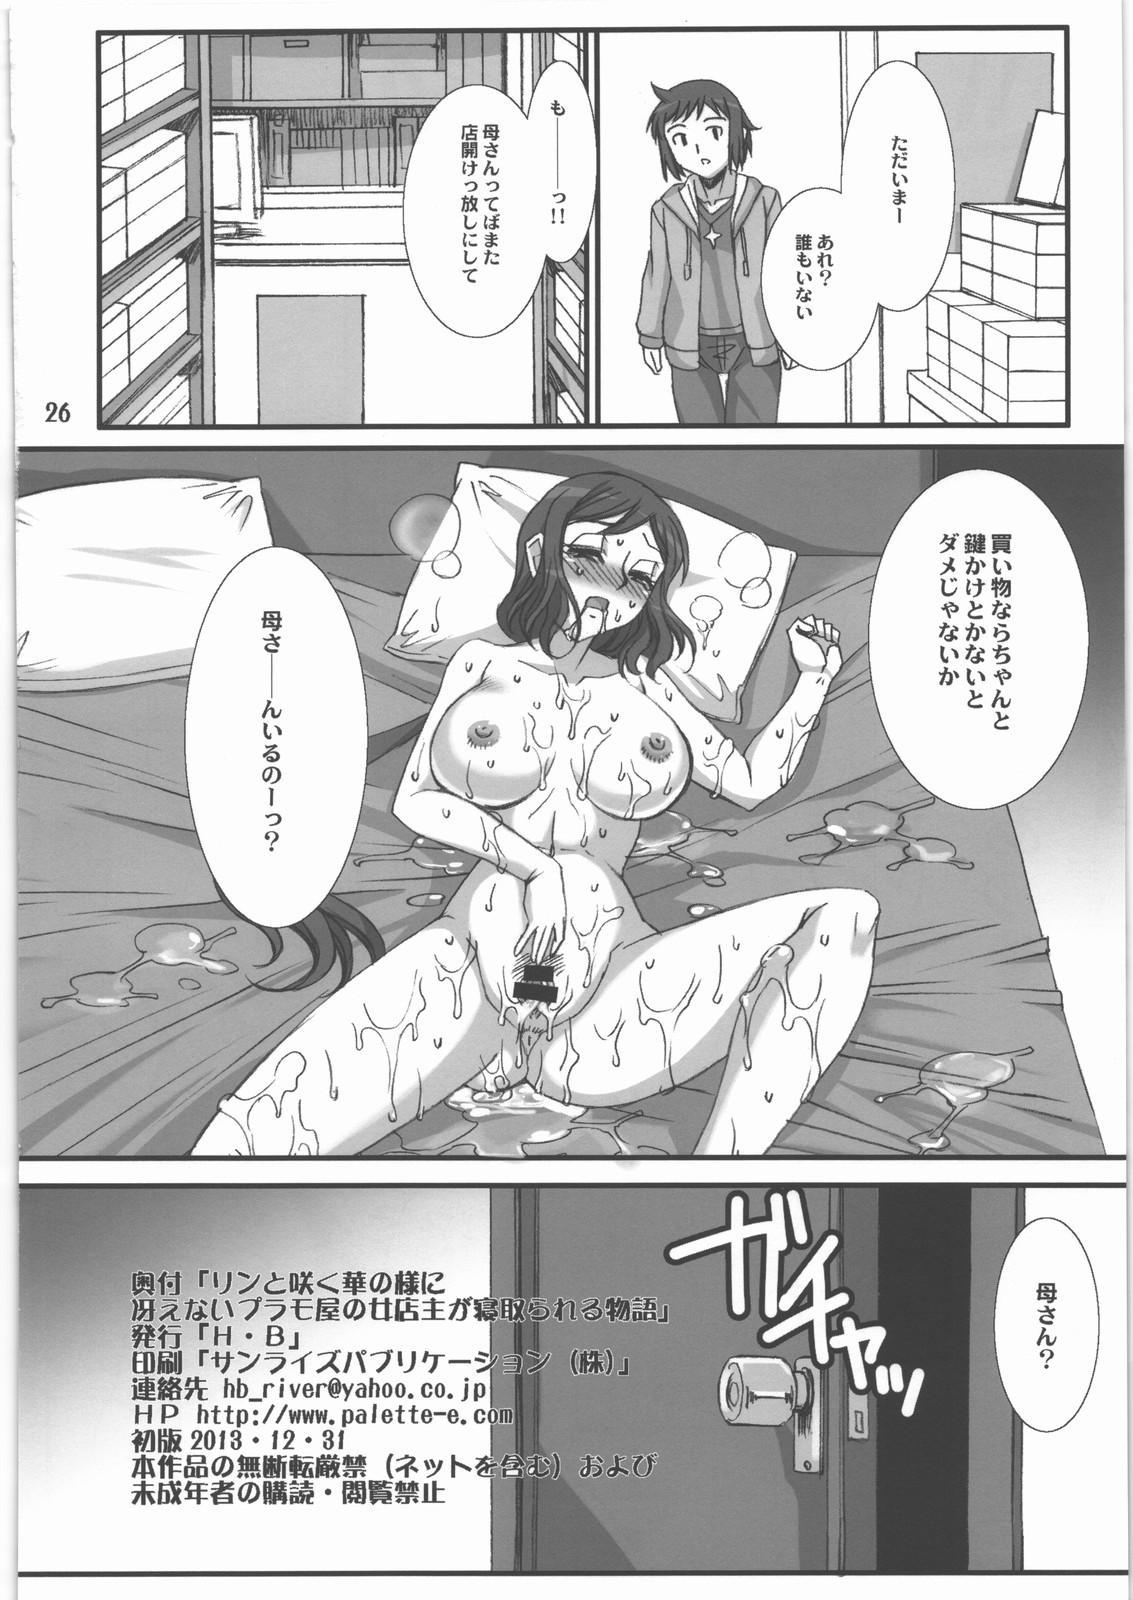 (C85) [H.B (B-RIVER)] Rin toshite Saku Hana no You ni - Saenai PlaMo-ya no Onna Tenshu ga Netorareru Monogatari (Gundam Build Fighters) 24